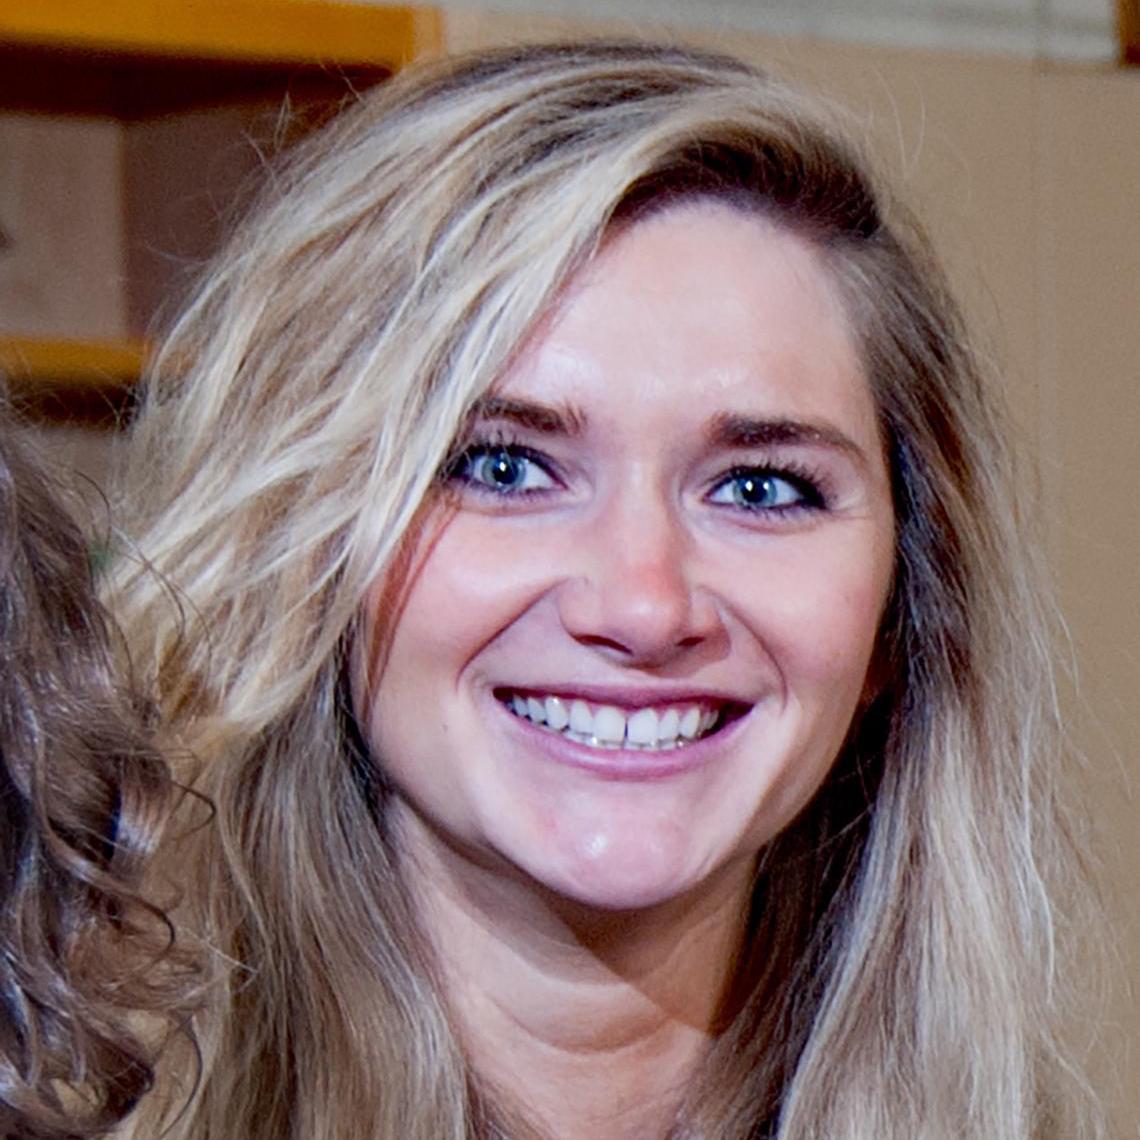 Madeleine Schmaltz